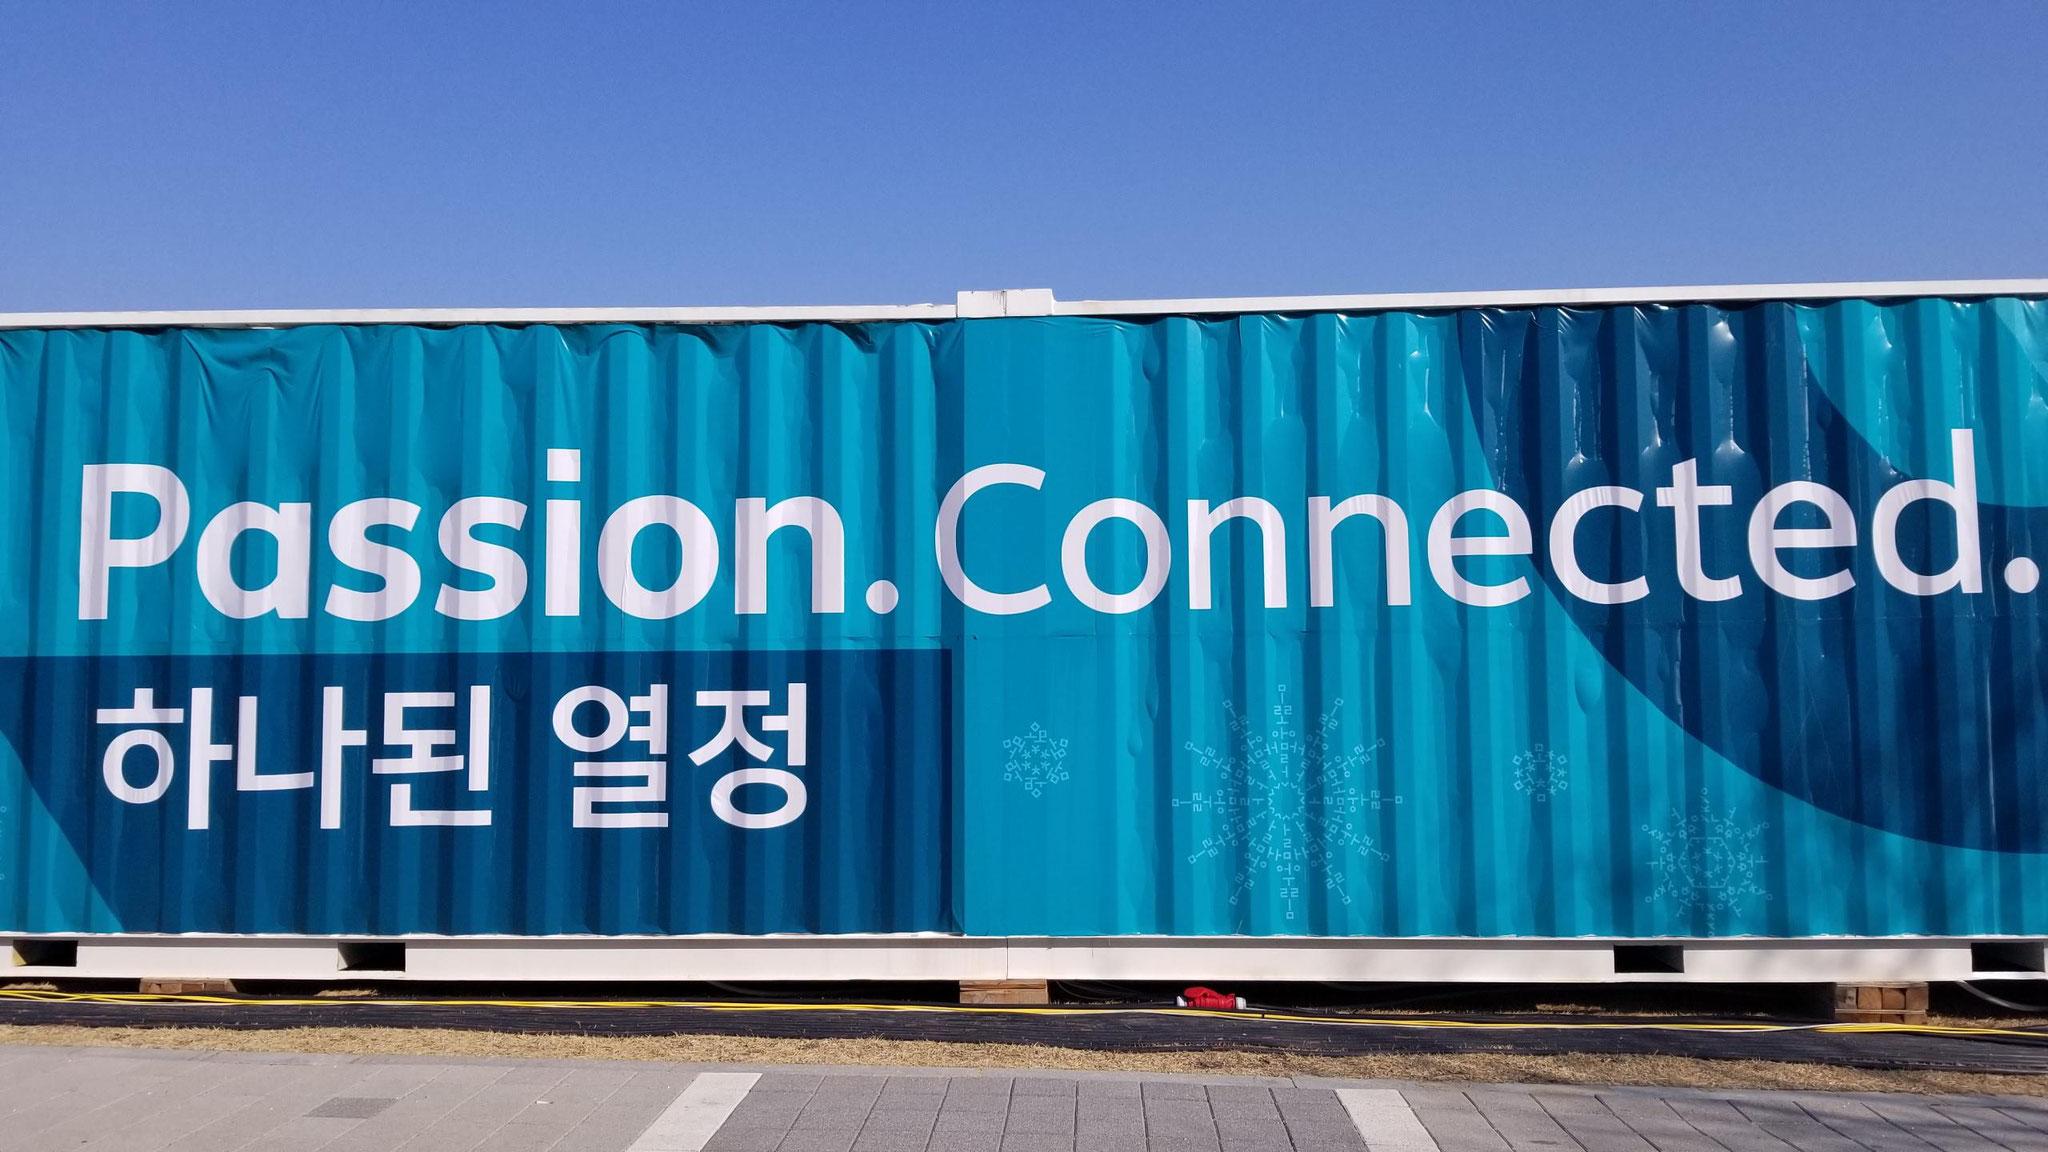 スローガンは「一つになった情熱 Passion. Connected.」